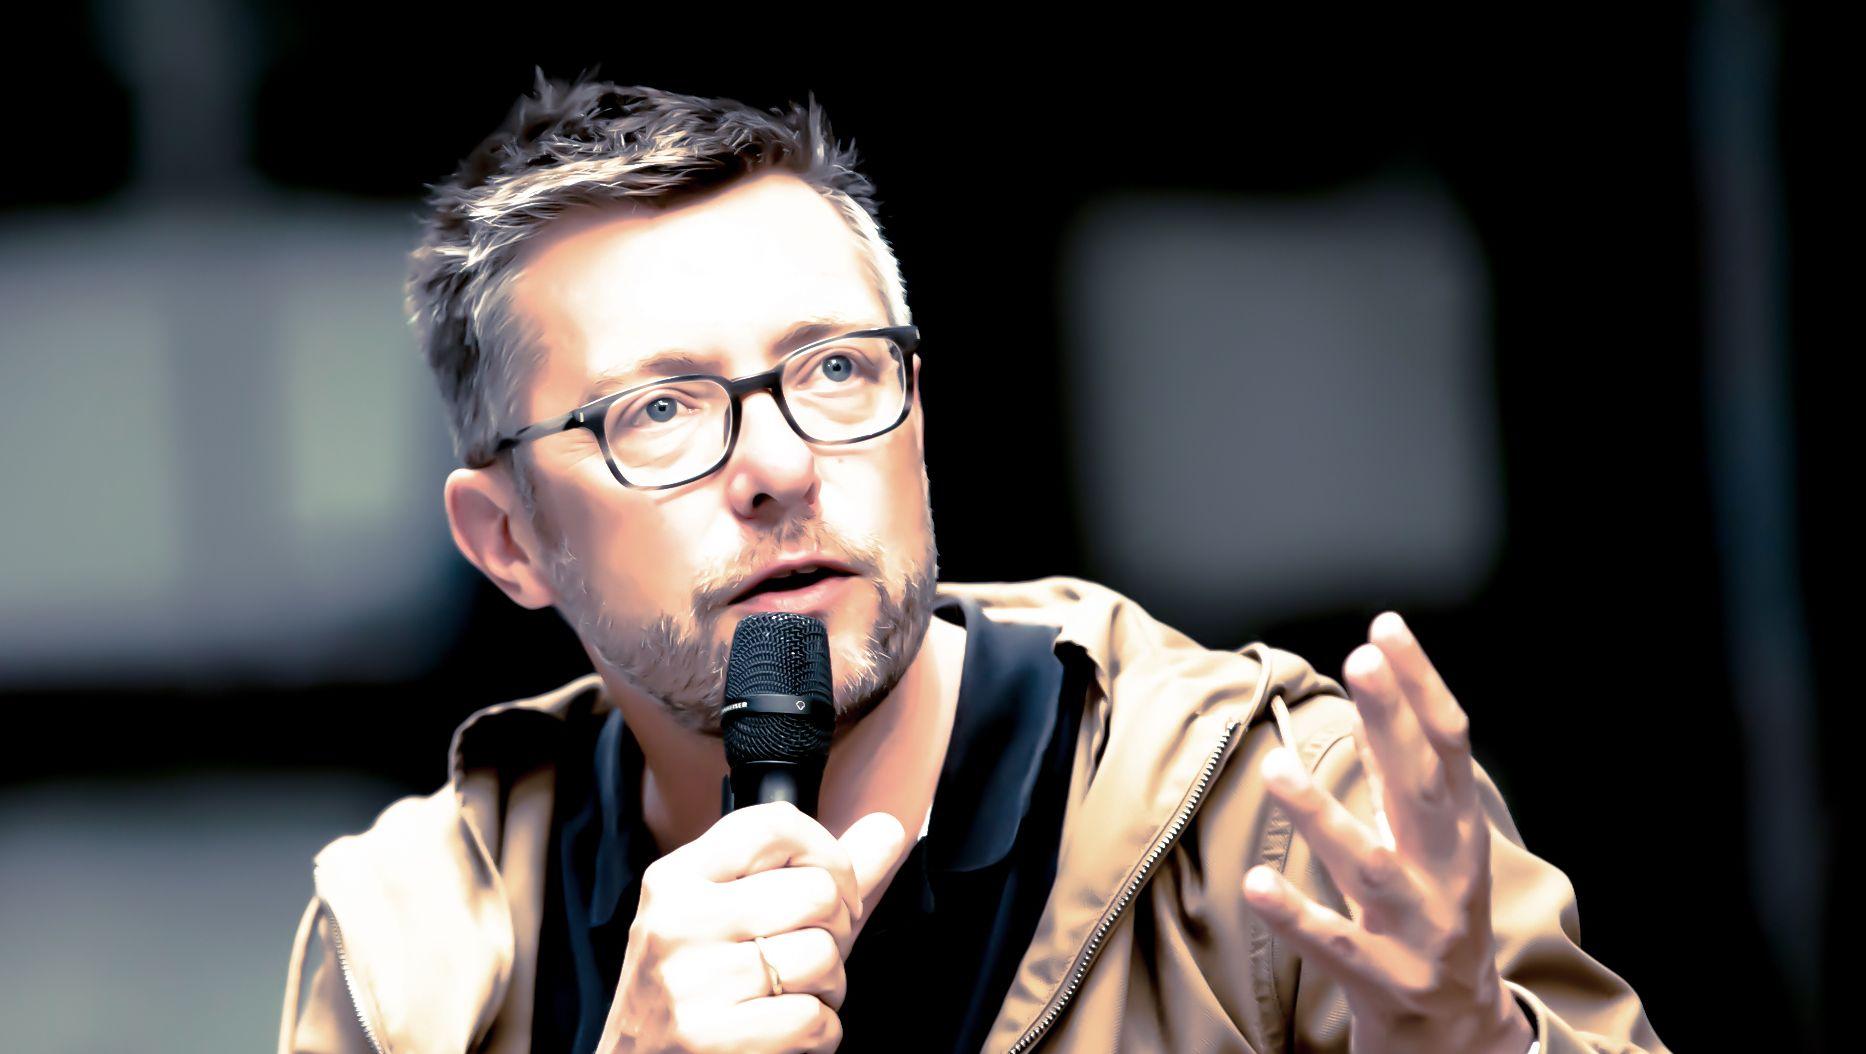 Mann mit Brille und hellbrauner Jacke gestikuliert mit Mikrofon